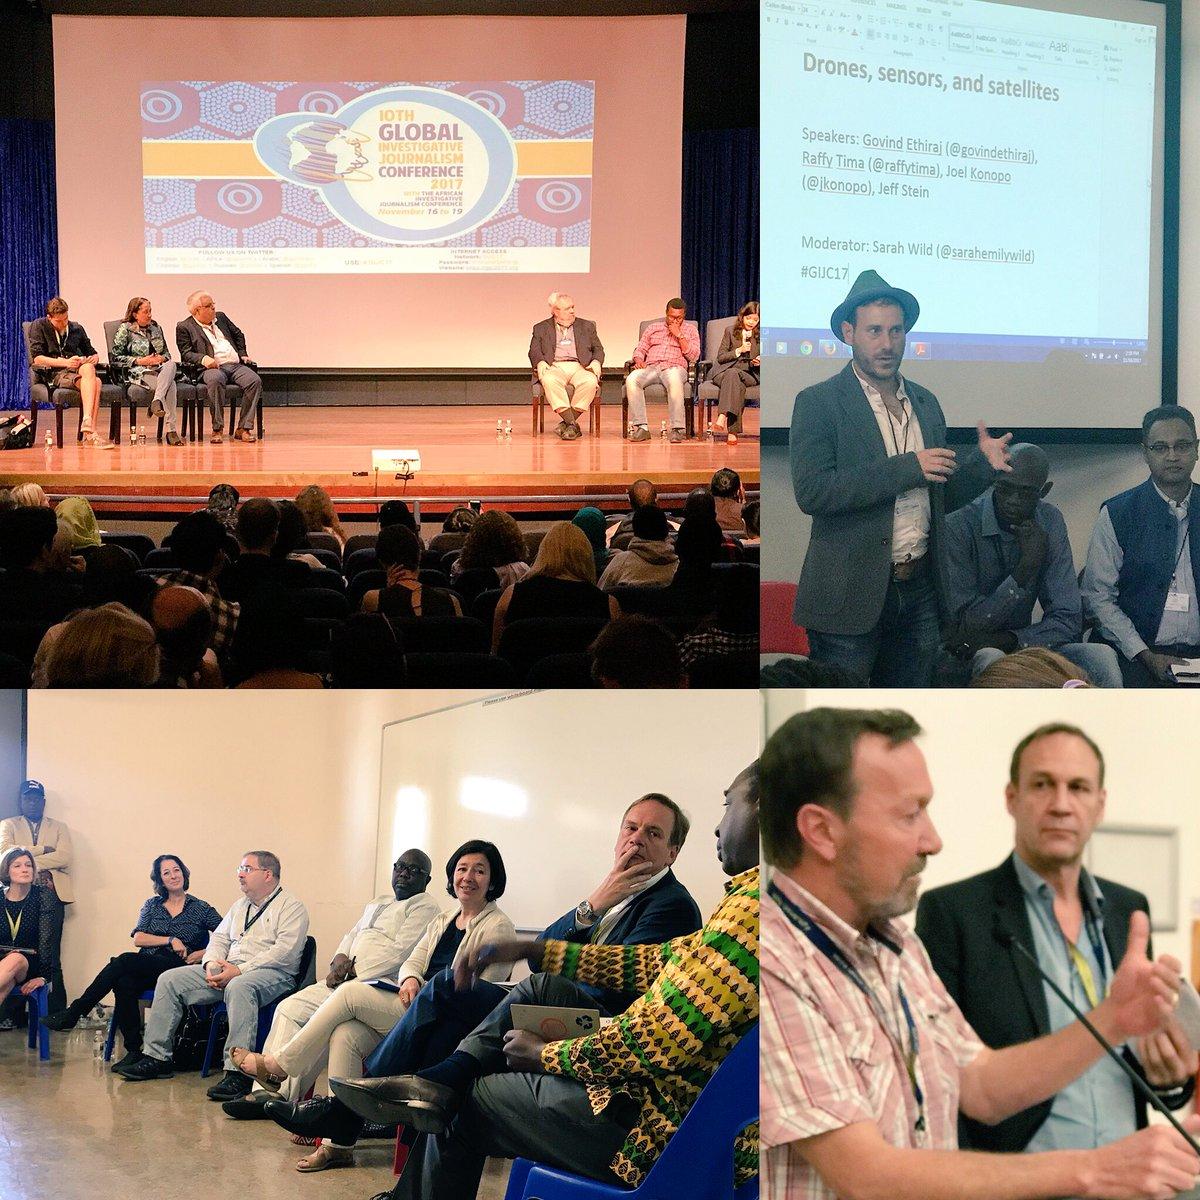 Підсумки 10-ї Глобальної конференції журналістів-розслідувачів: конспекти, тези, відгуки